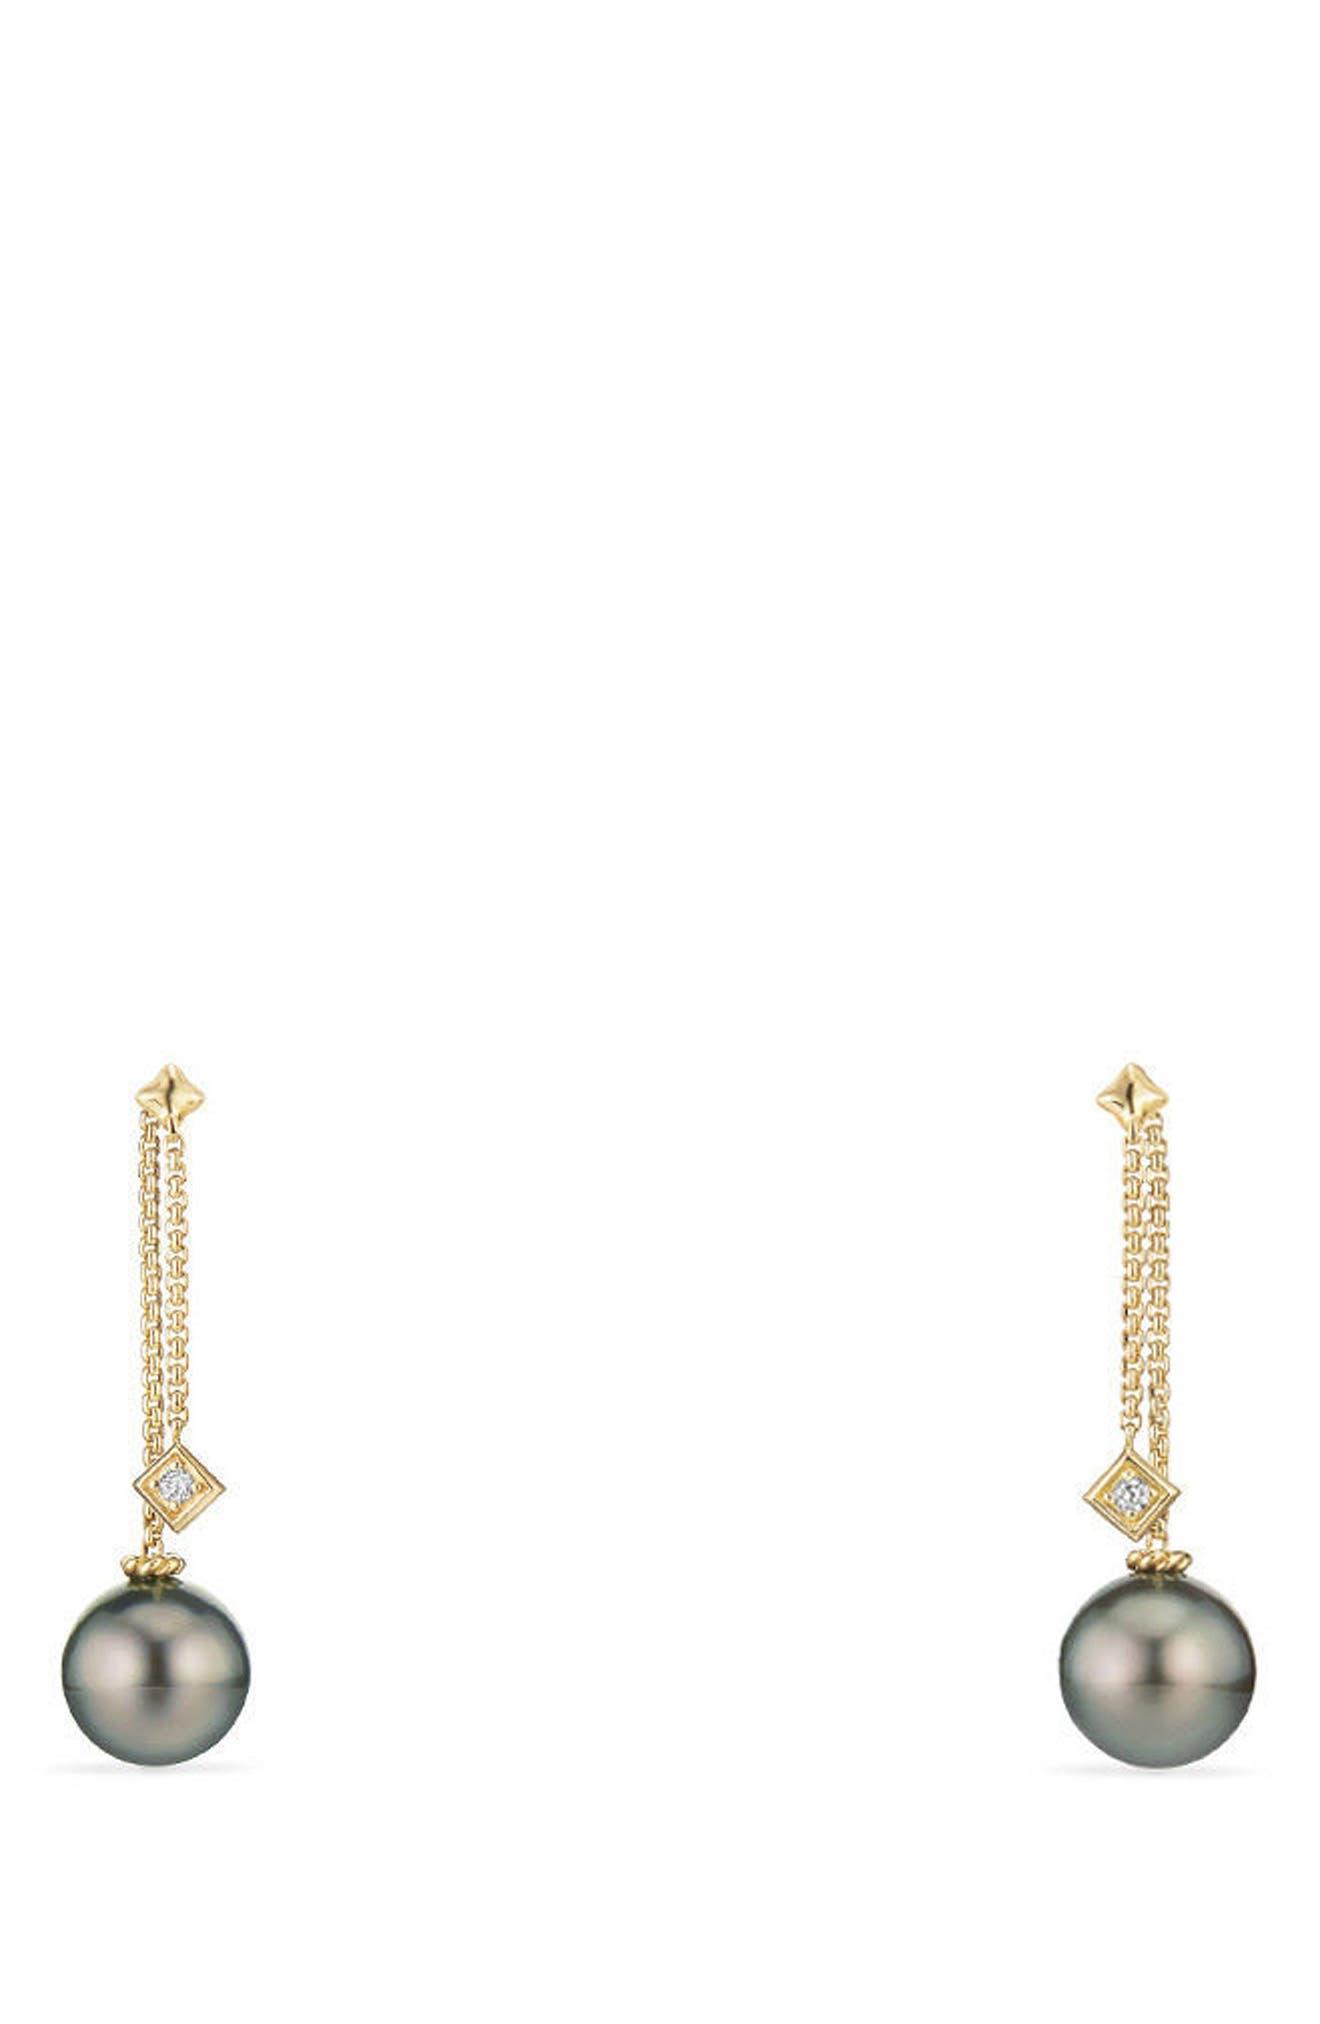 DAVID YURMAN Solari Earrings with Diamonds in 18K Gold